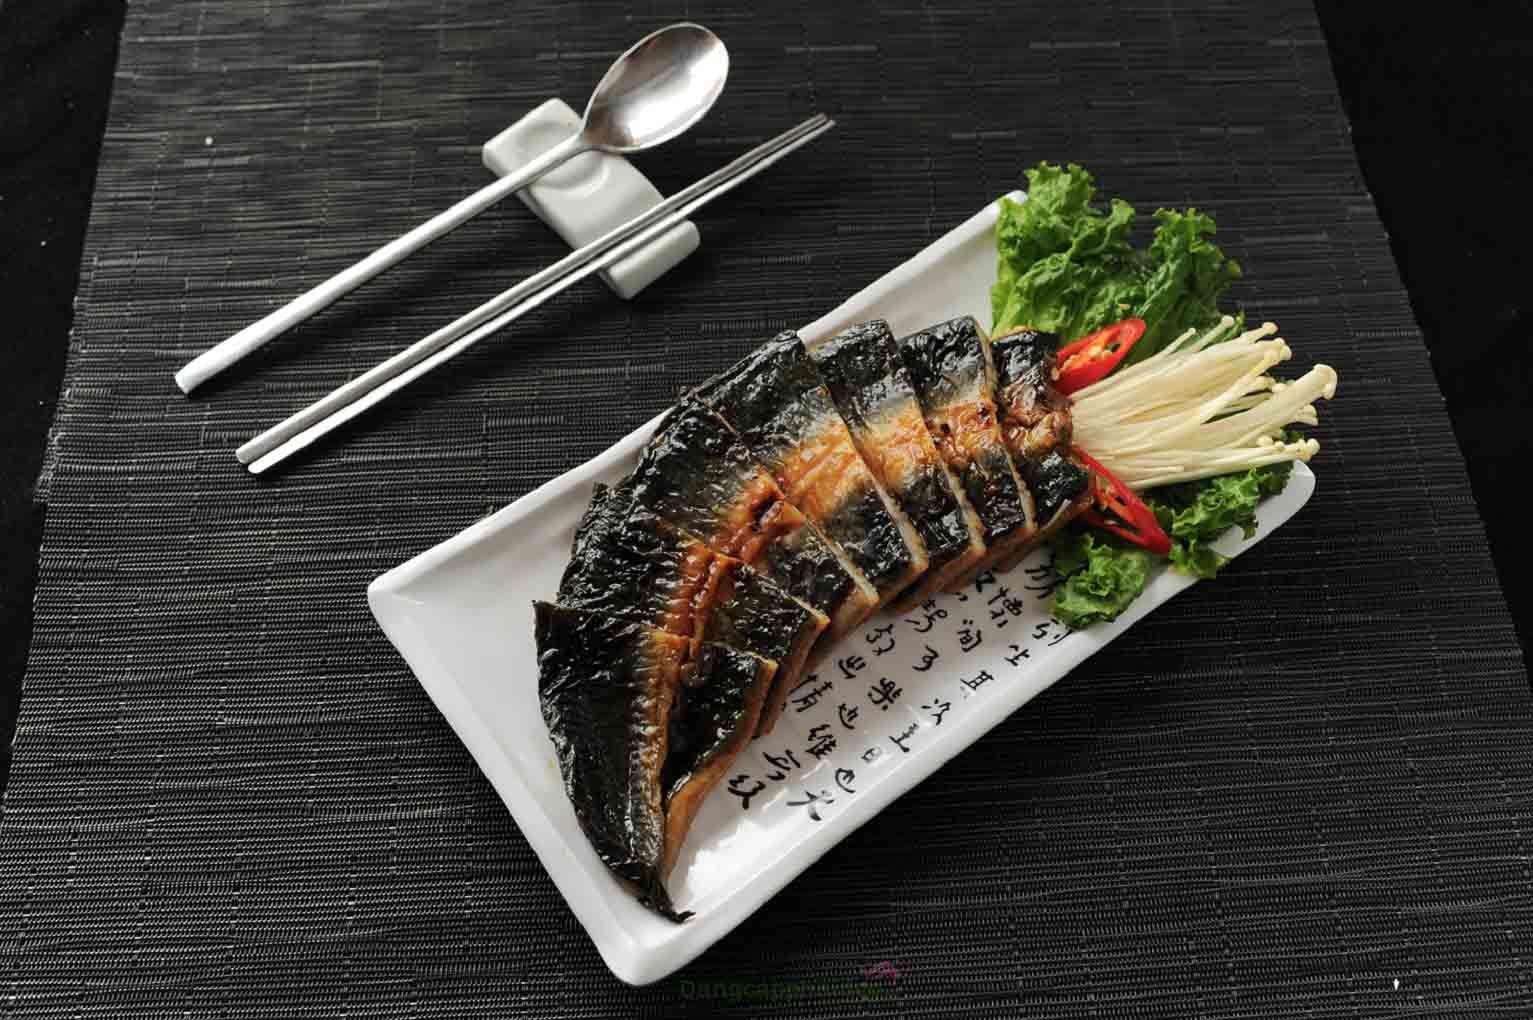 Lươn nướng là món ăn rất phổ biến tại Nhật